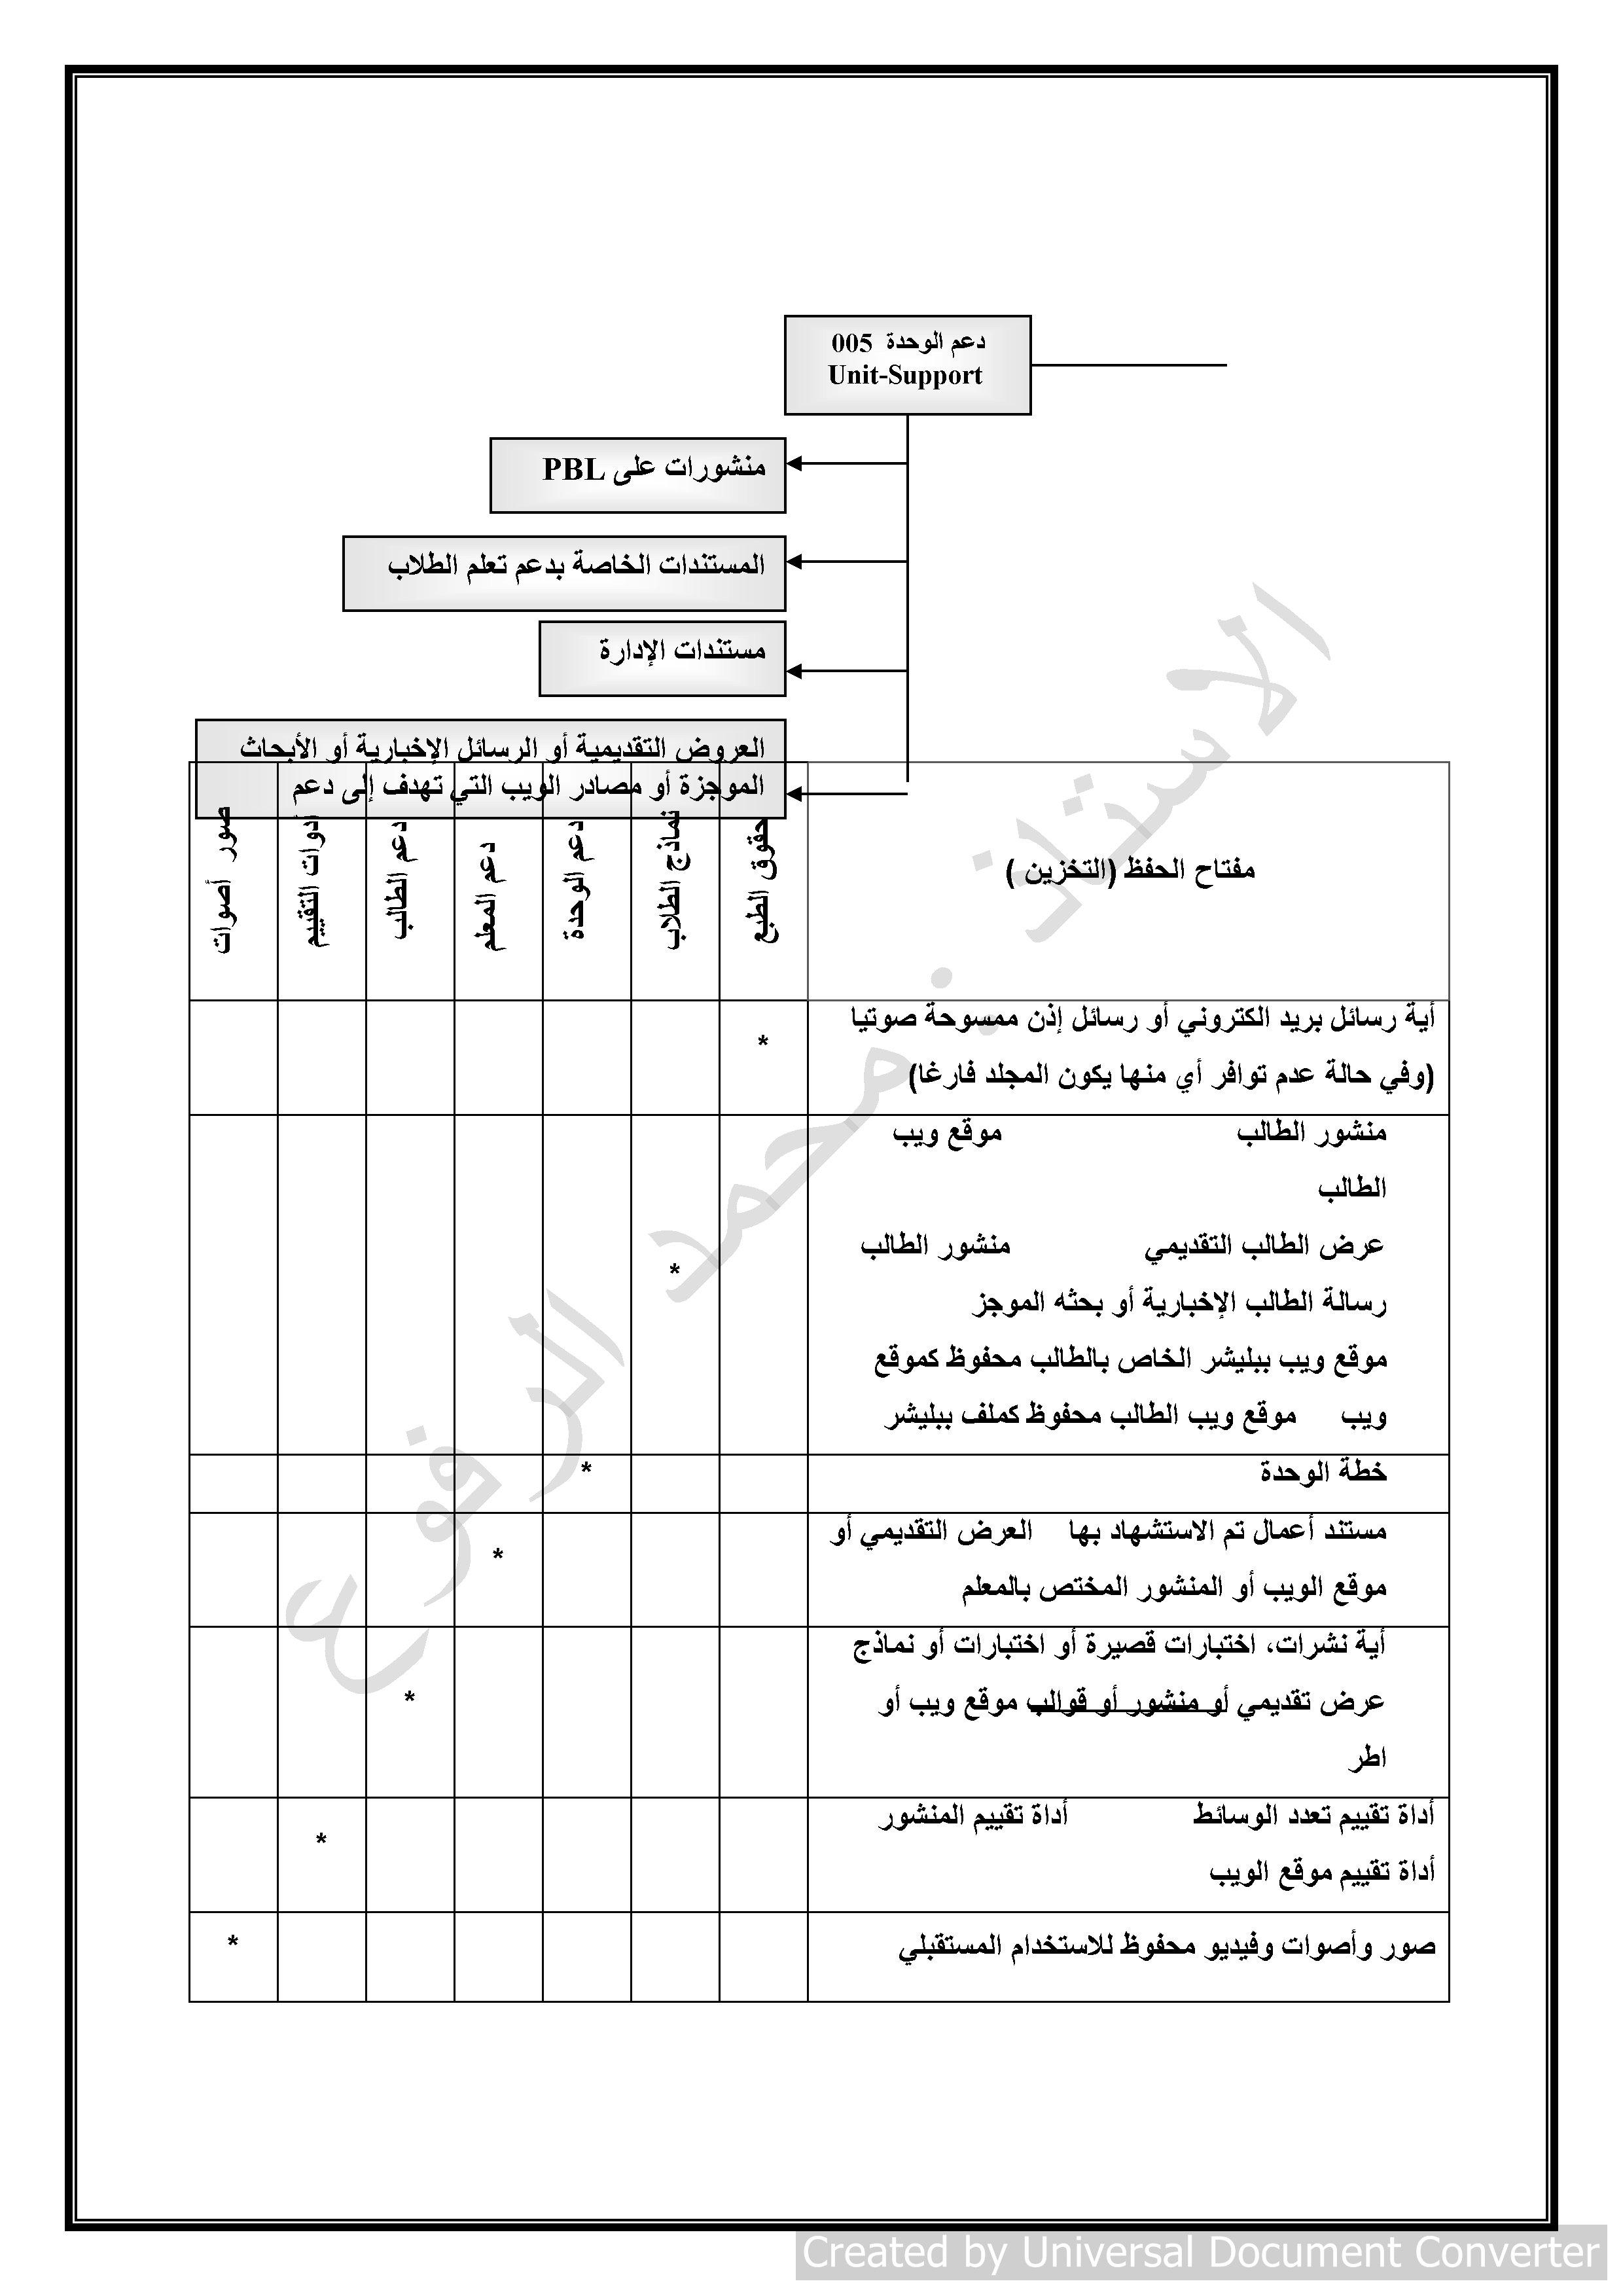 ملخص -268 صفحة- أسئلة شاملة